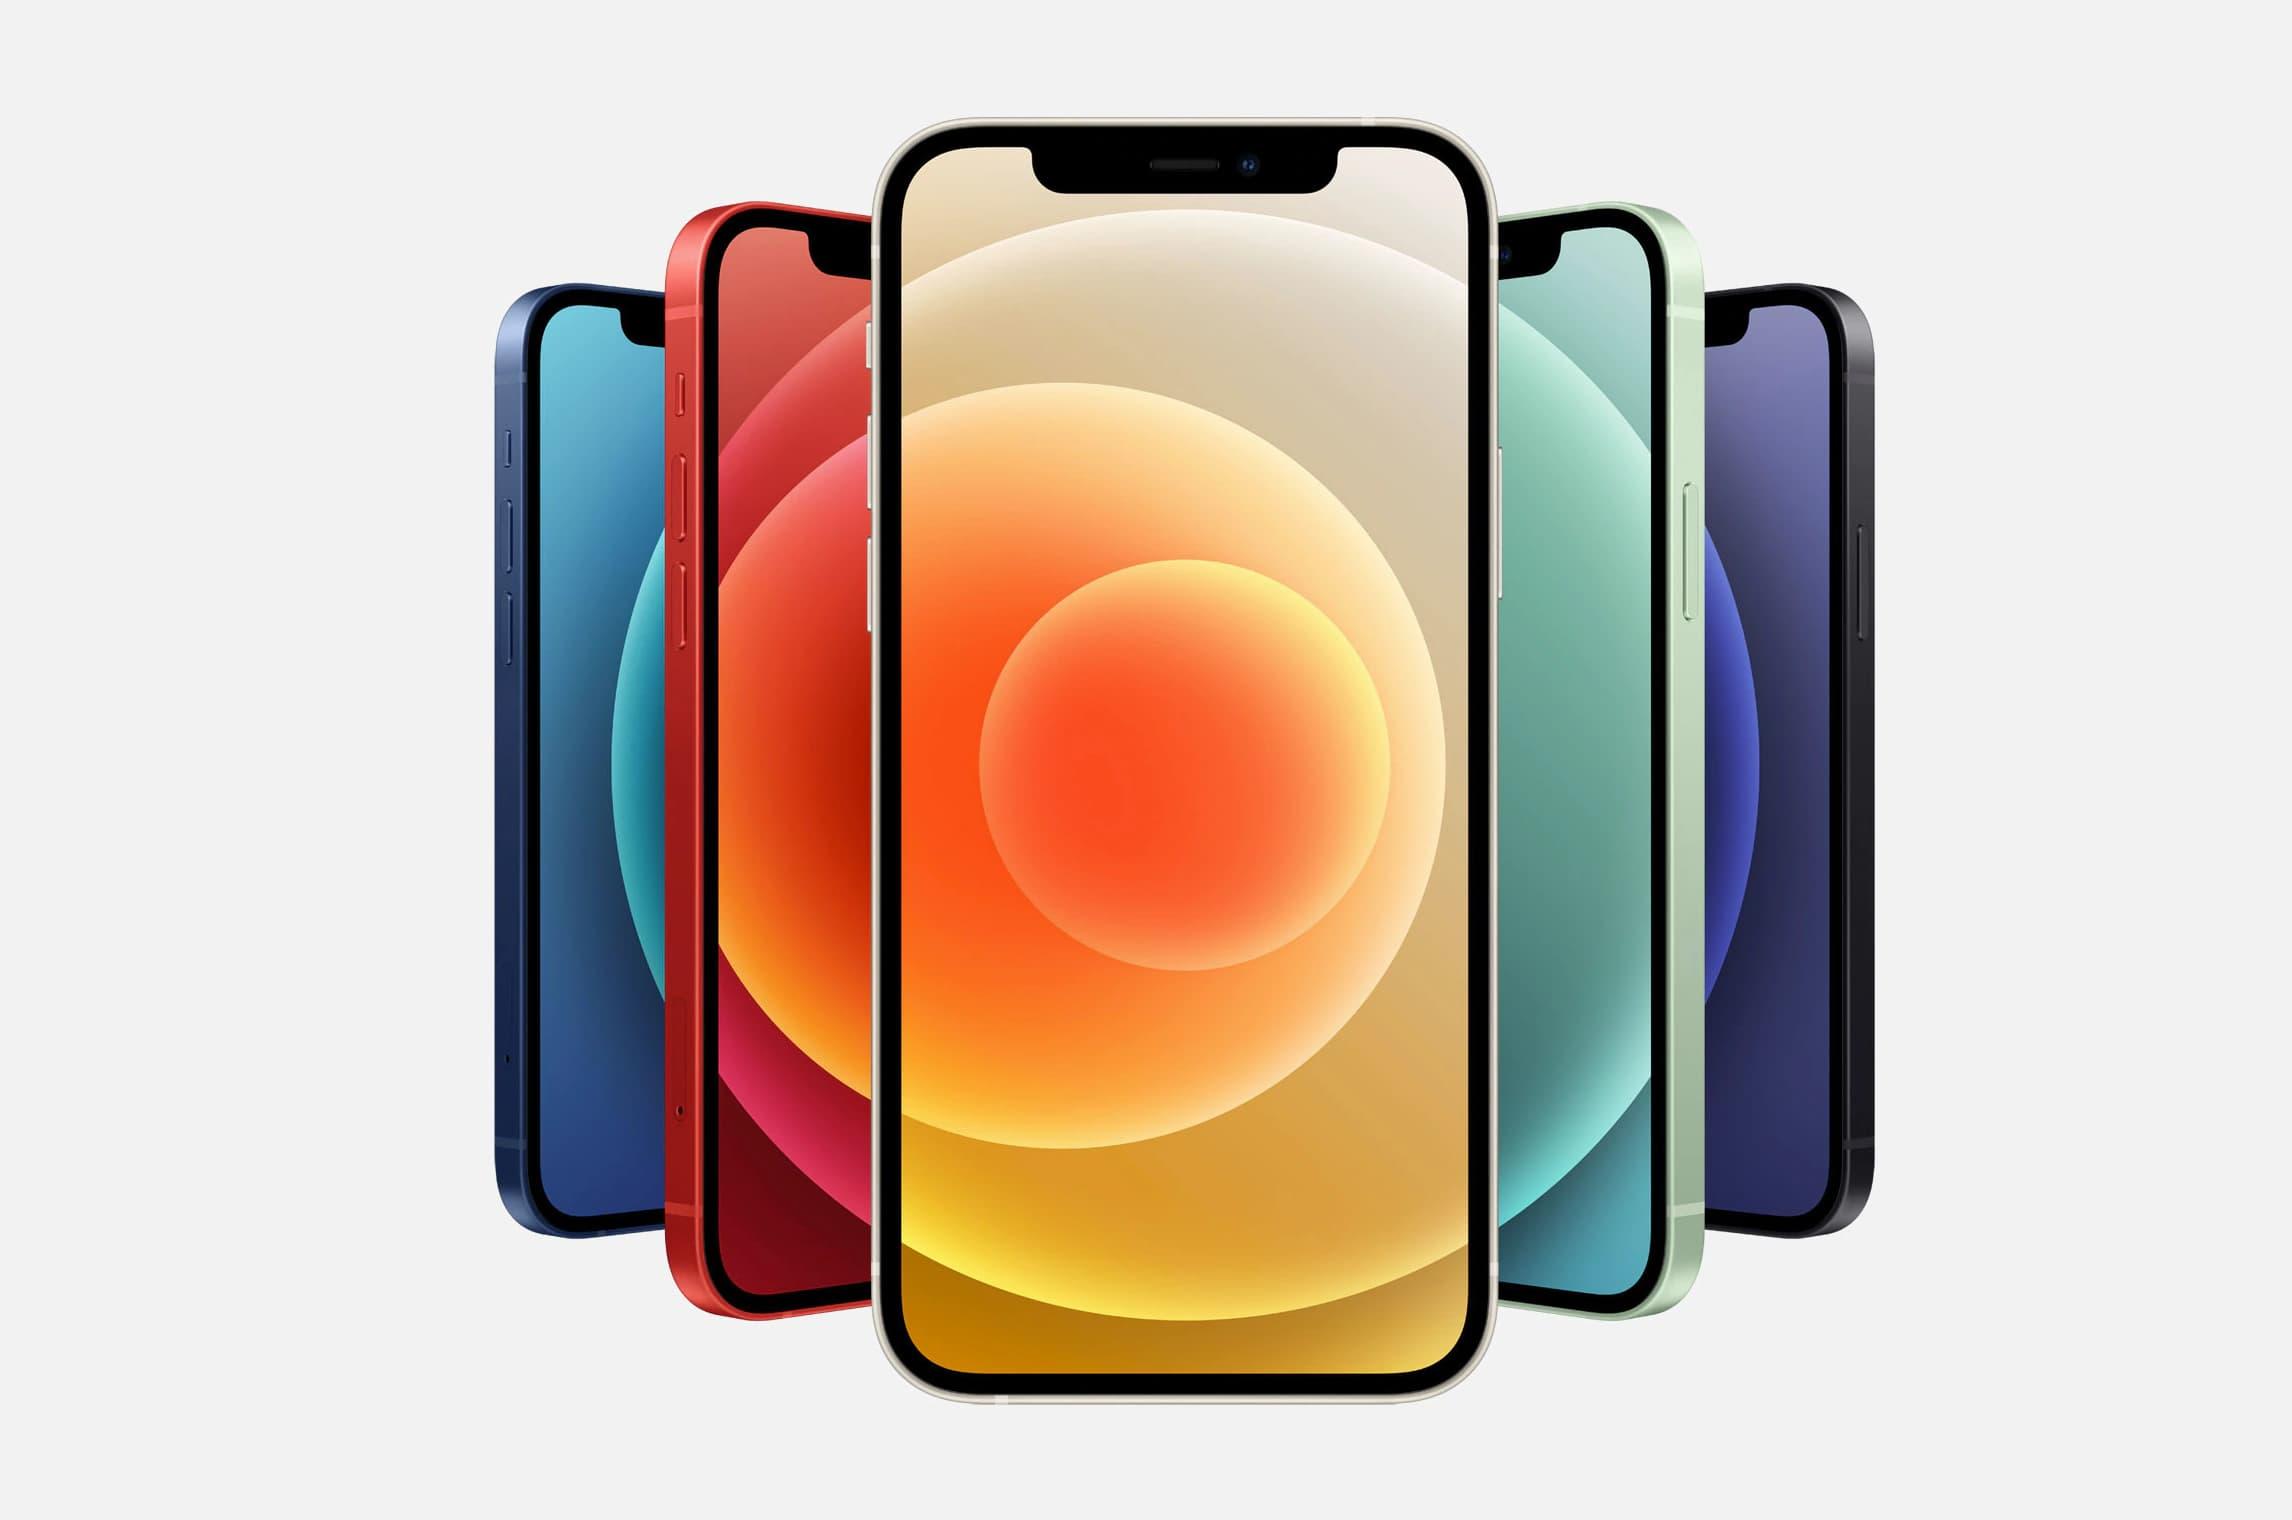 IPhone 12 immagini